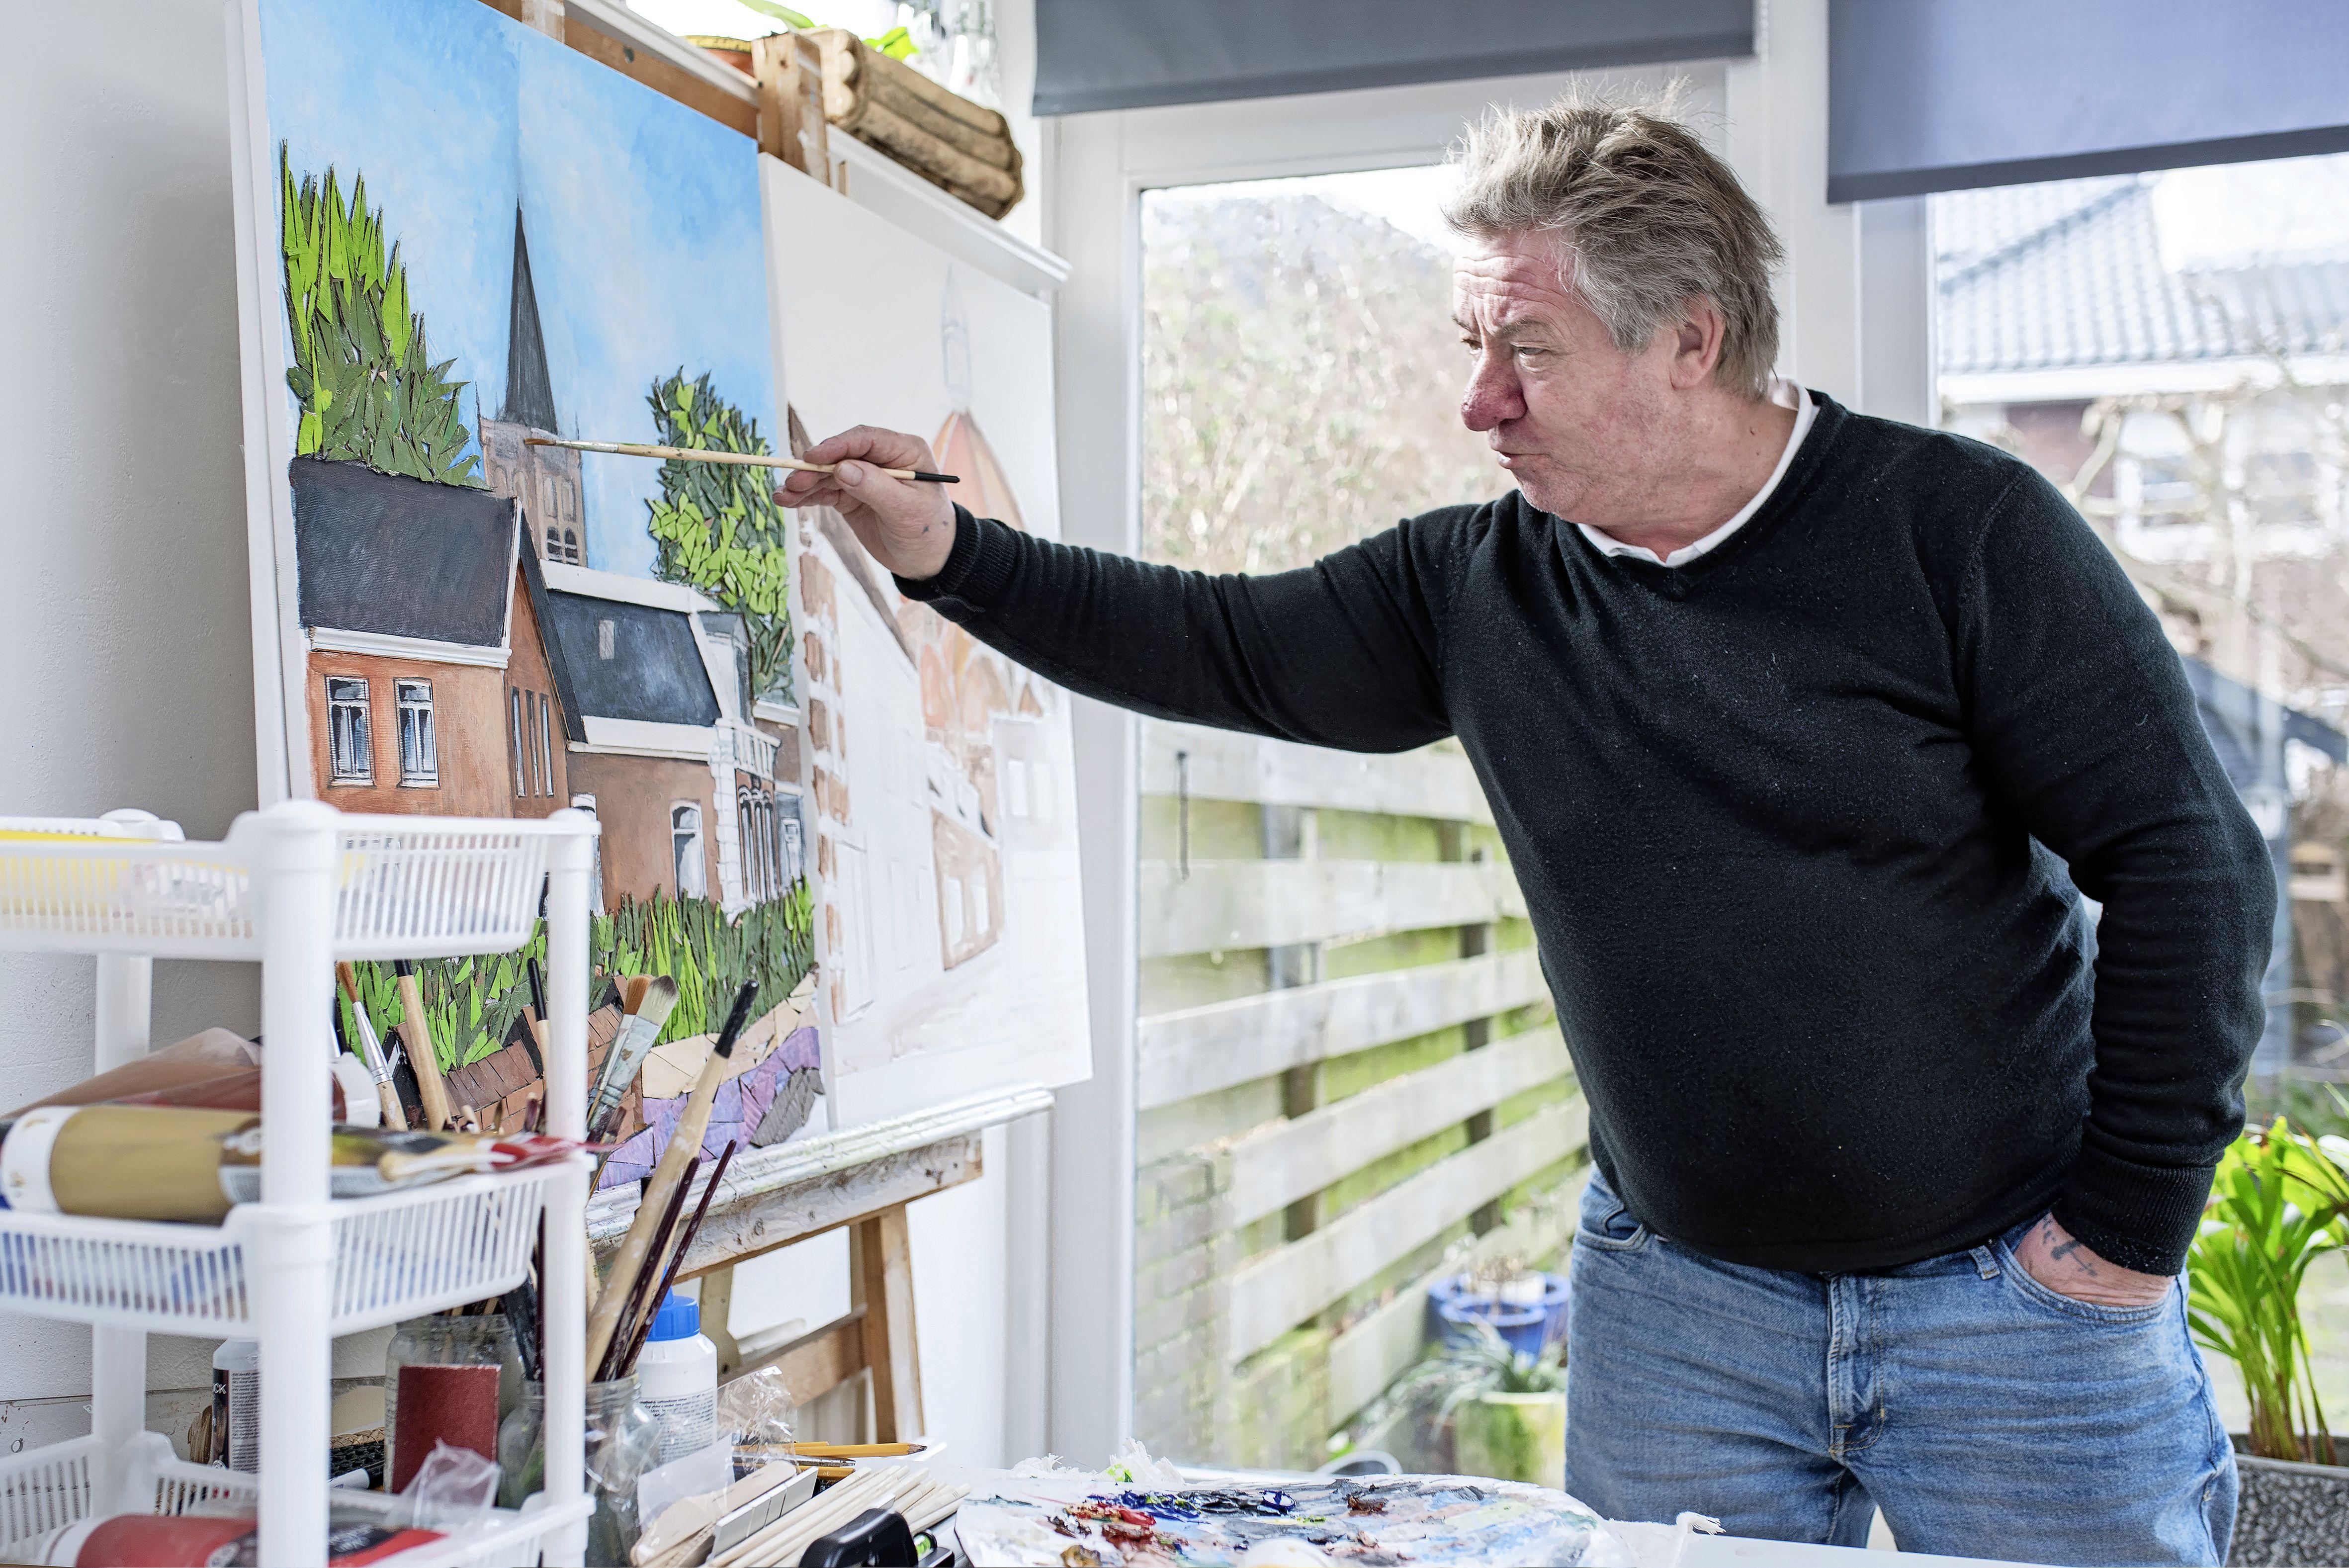 Oud-IJmuidenaar Louis 't Hart schildert om de geschiedenis van Kennemerland te bewaren